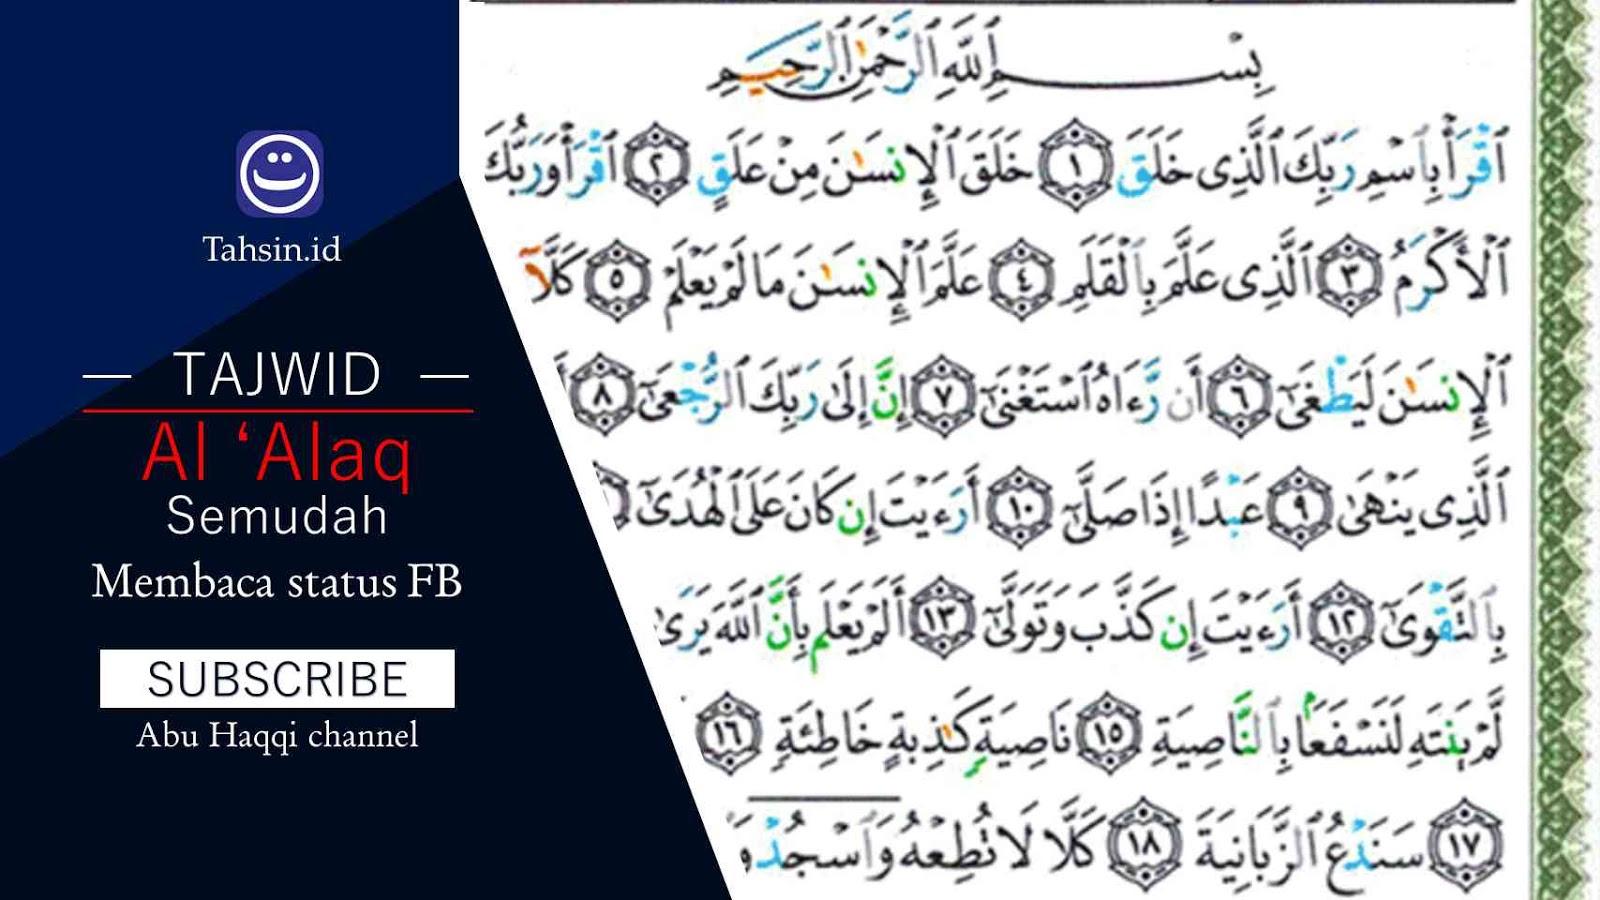 tajwid surat al alaq